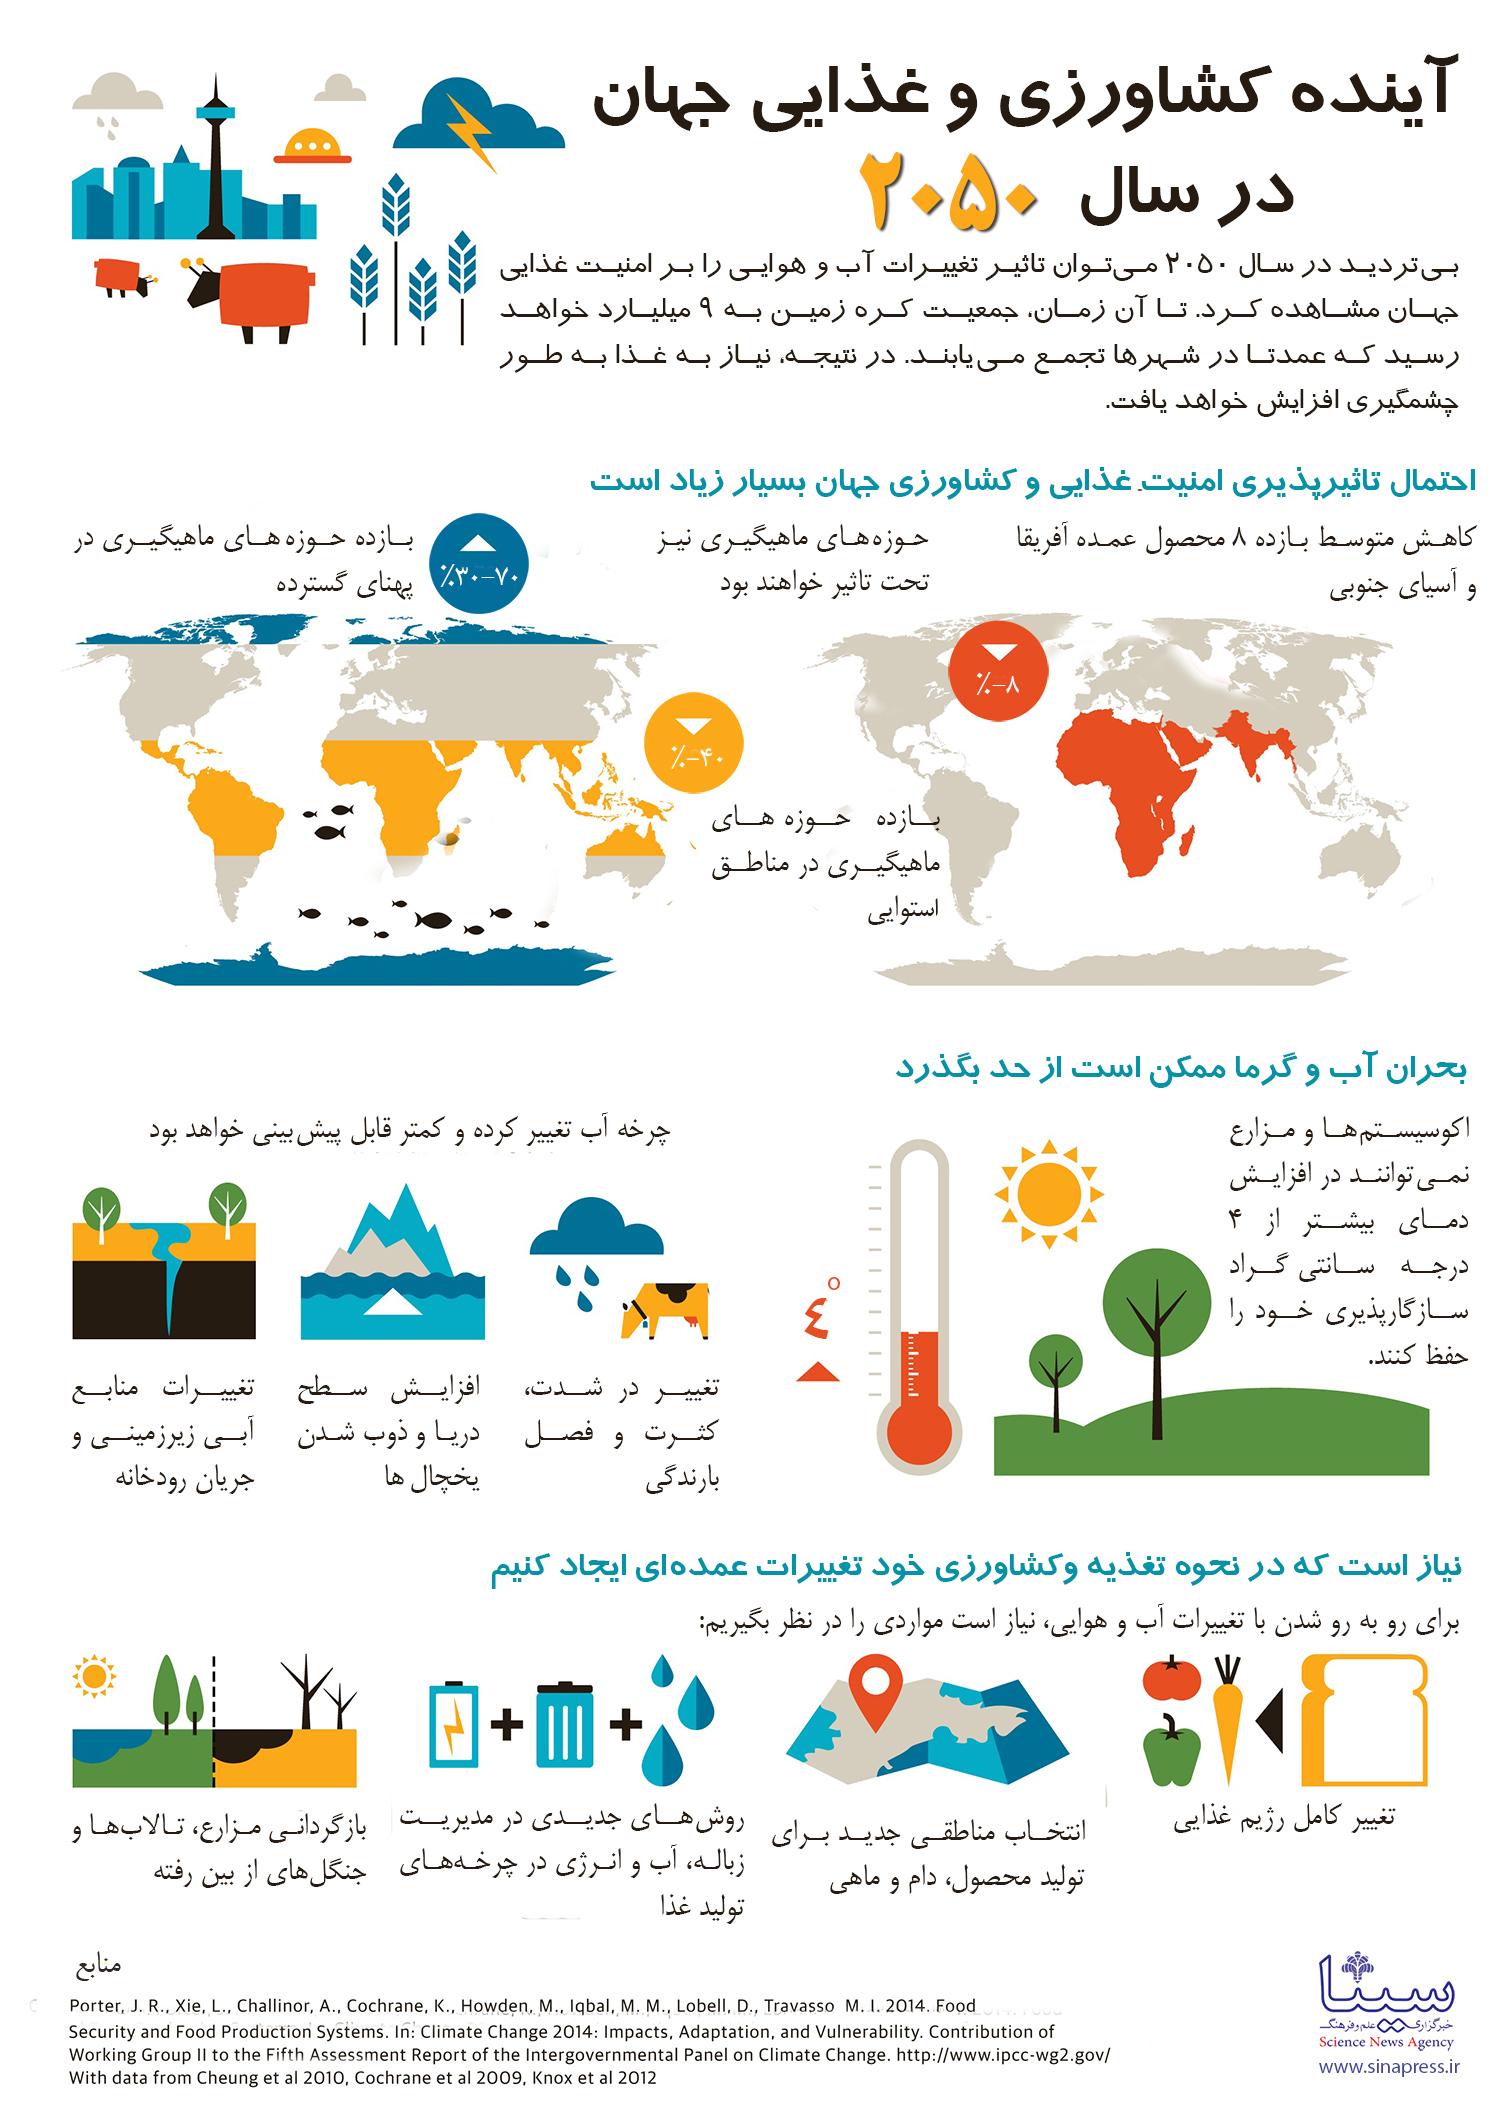 اینفوگرافی آینده کشاورزی و غذایی جهان در سال 2050